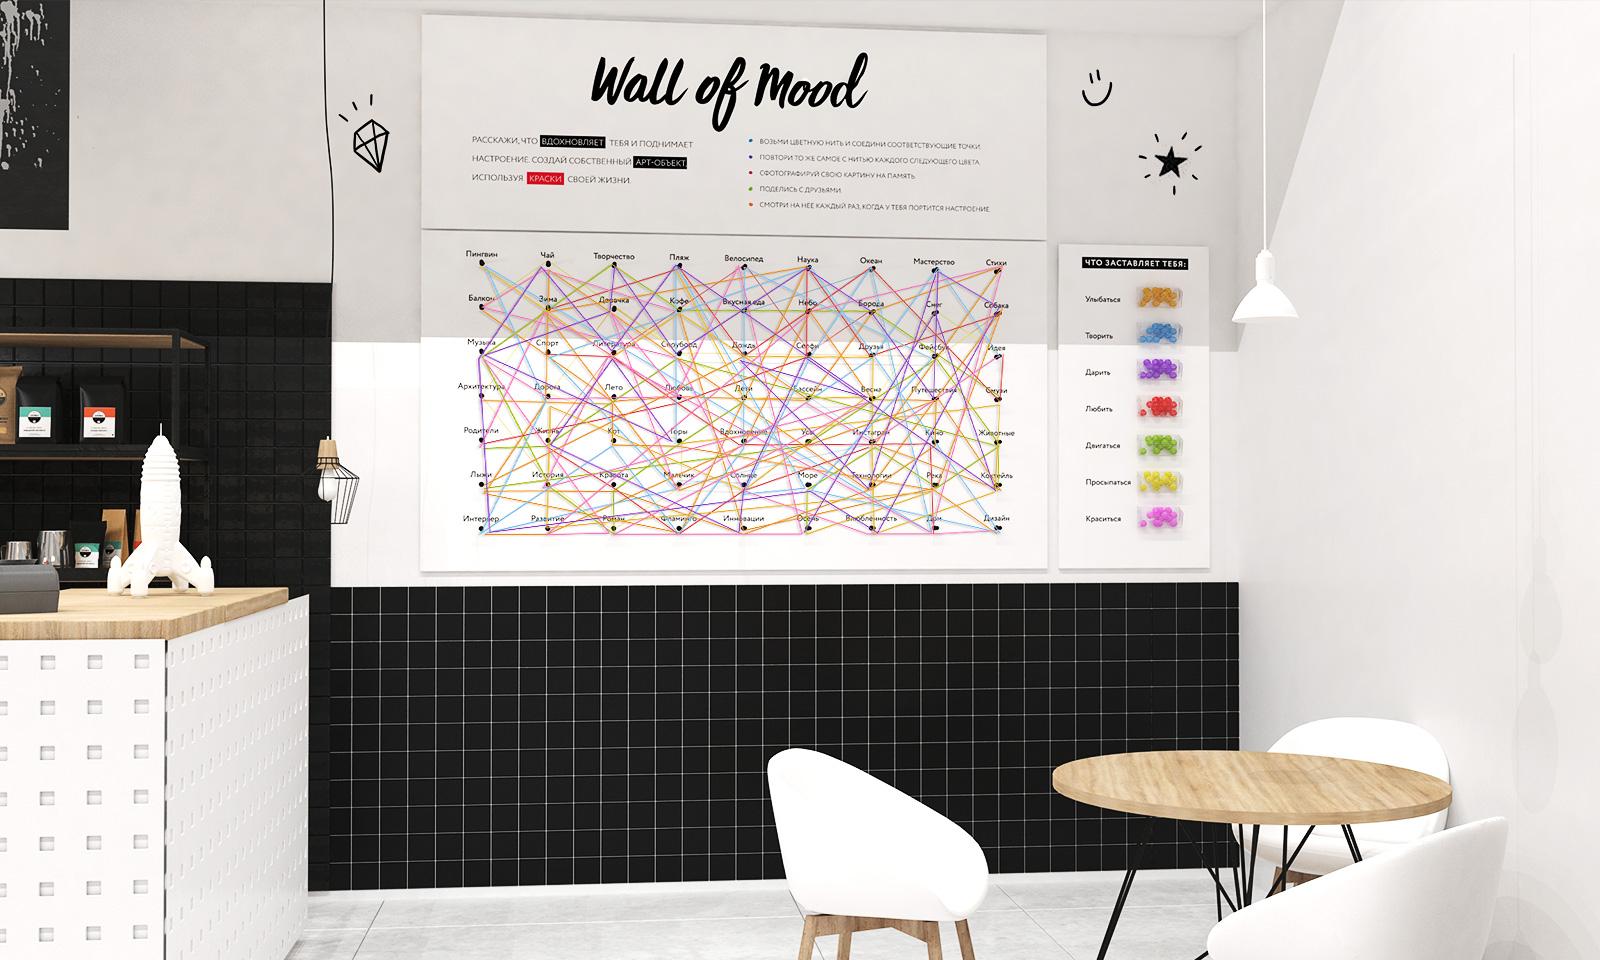 Дизайн интерьера Modi Fun Cafe включает множество интерактивных элементов, которые вовлекают, заставляют посетителя улыбнуться или задуматься